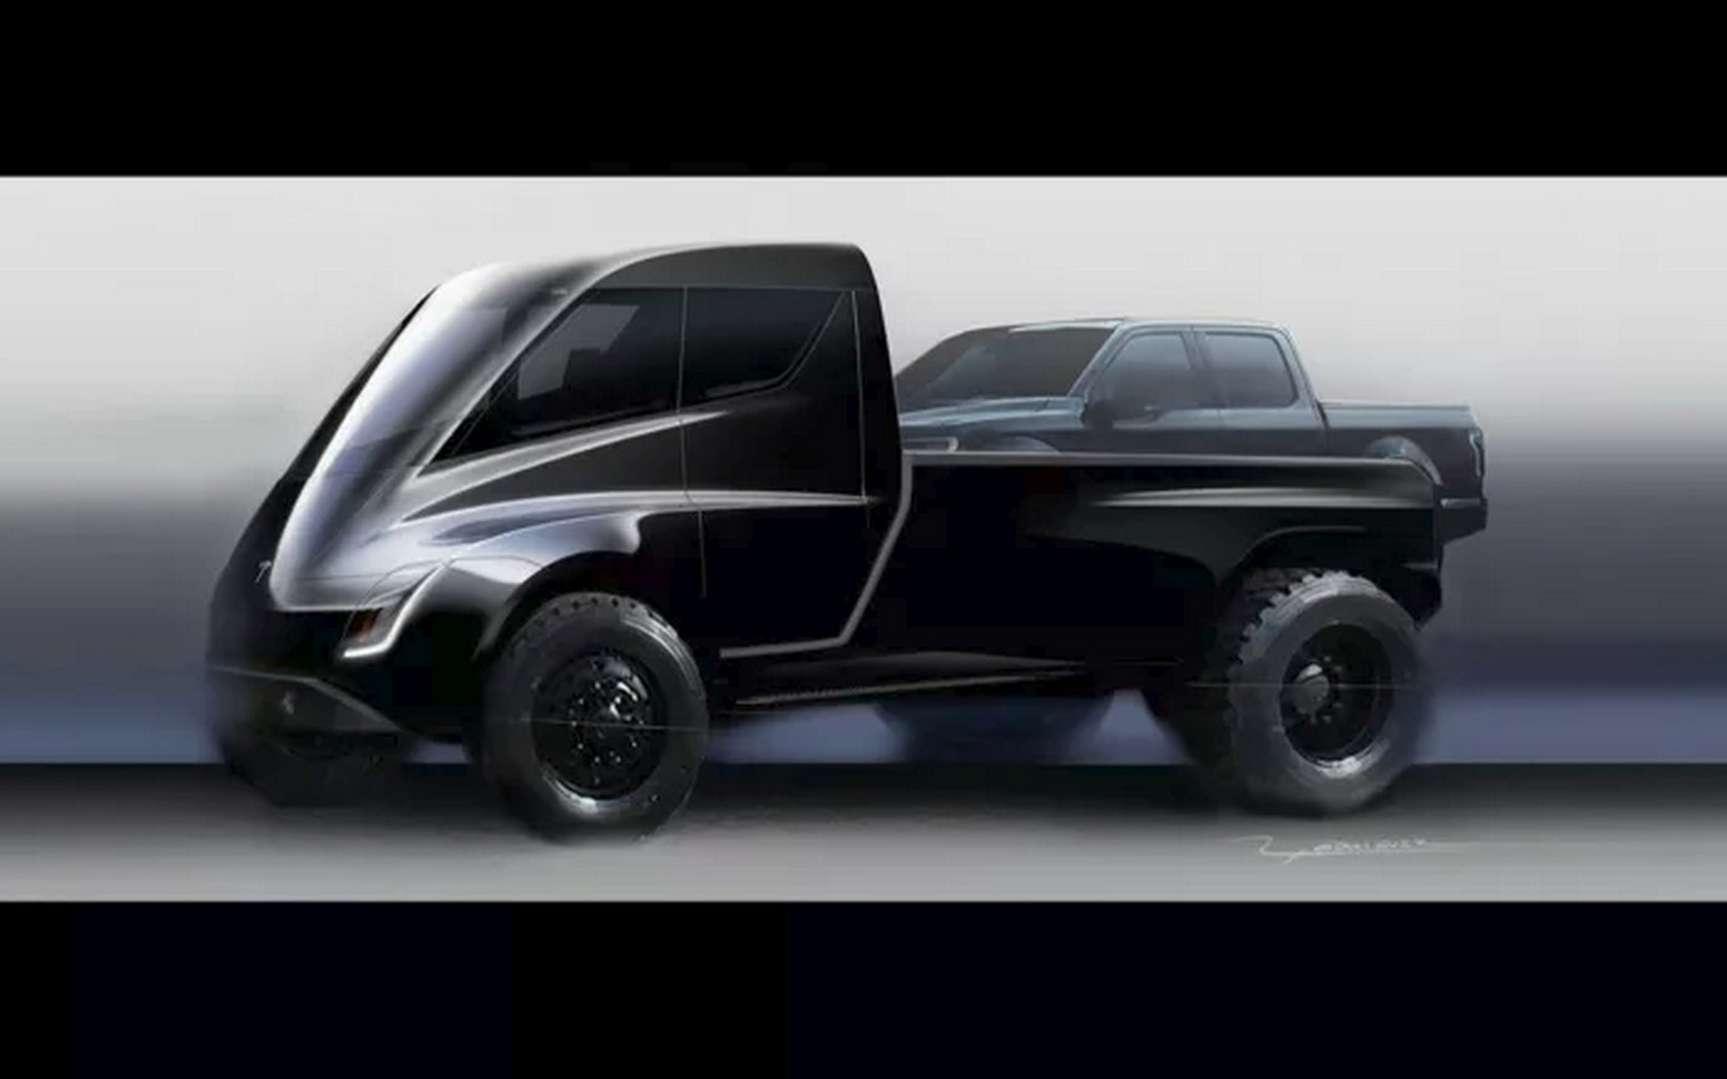 Cette esquisse du Tesla Truck a été dévoilée par Elon Musk lors de la présentation du camion électrique Tesla Semi. © Tesla